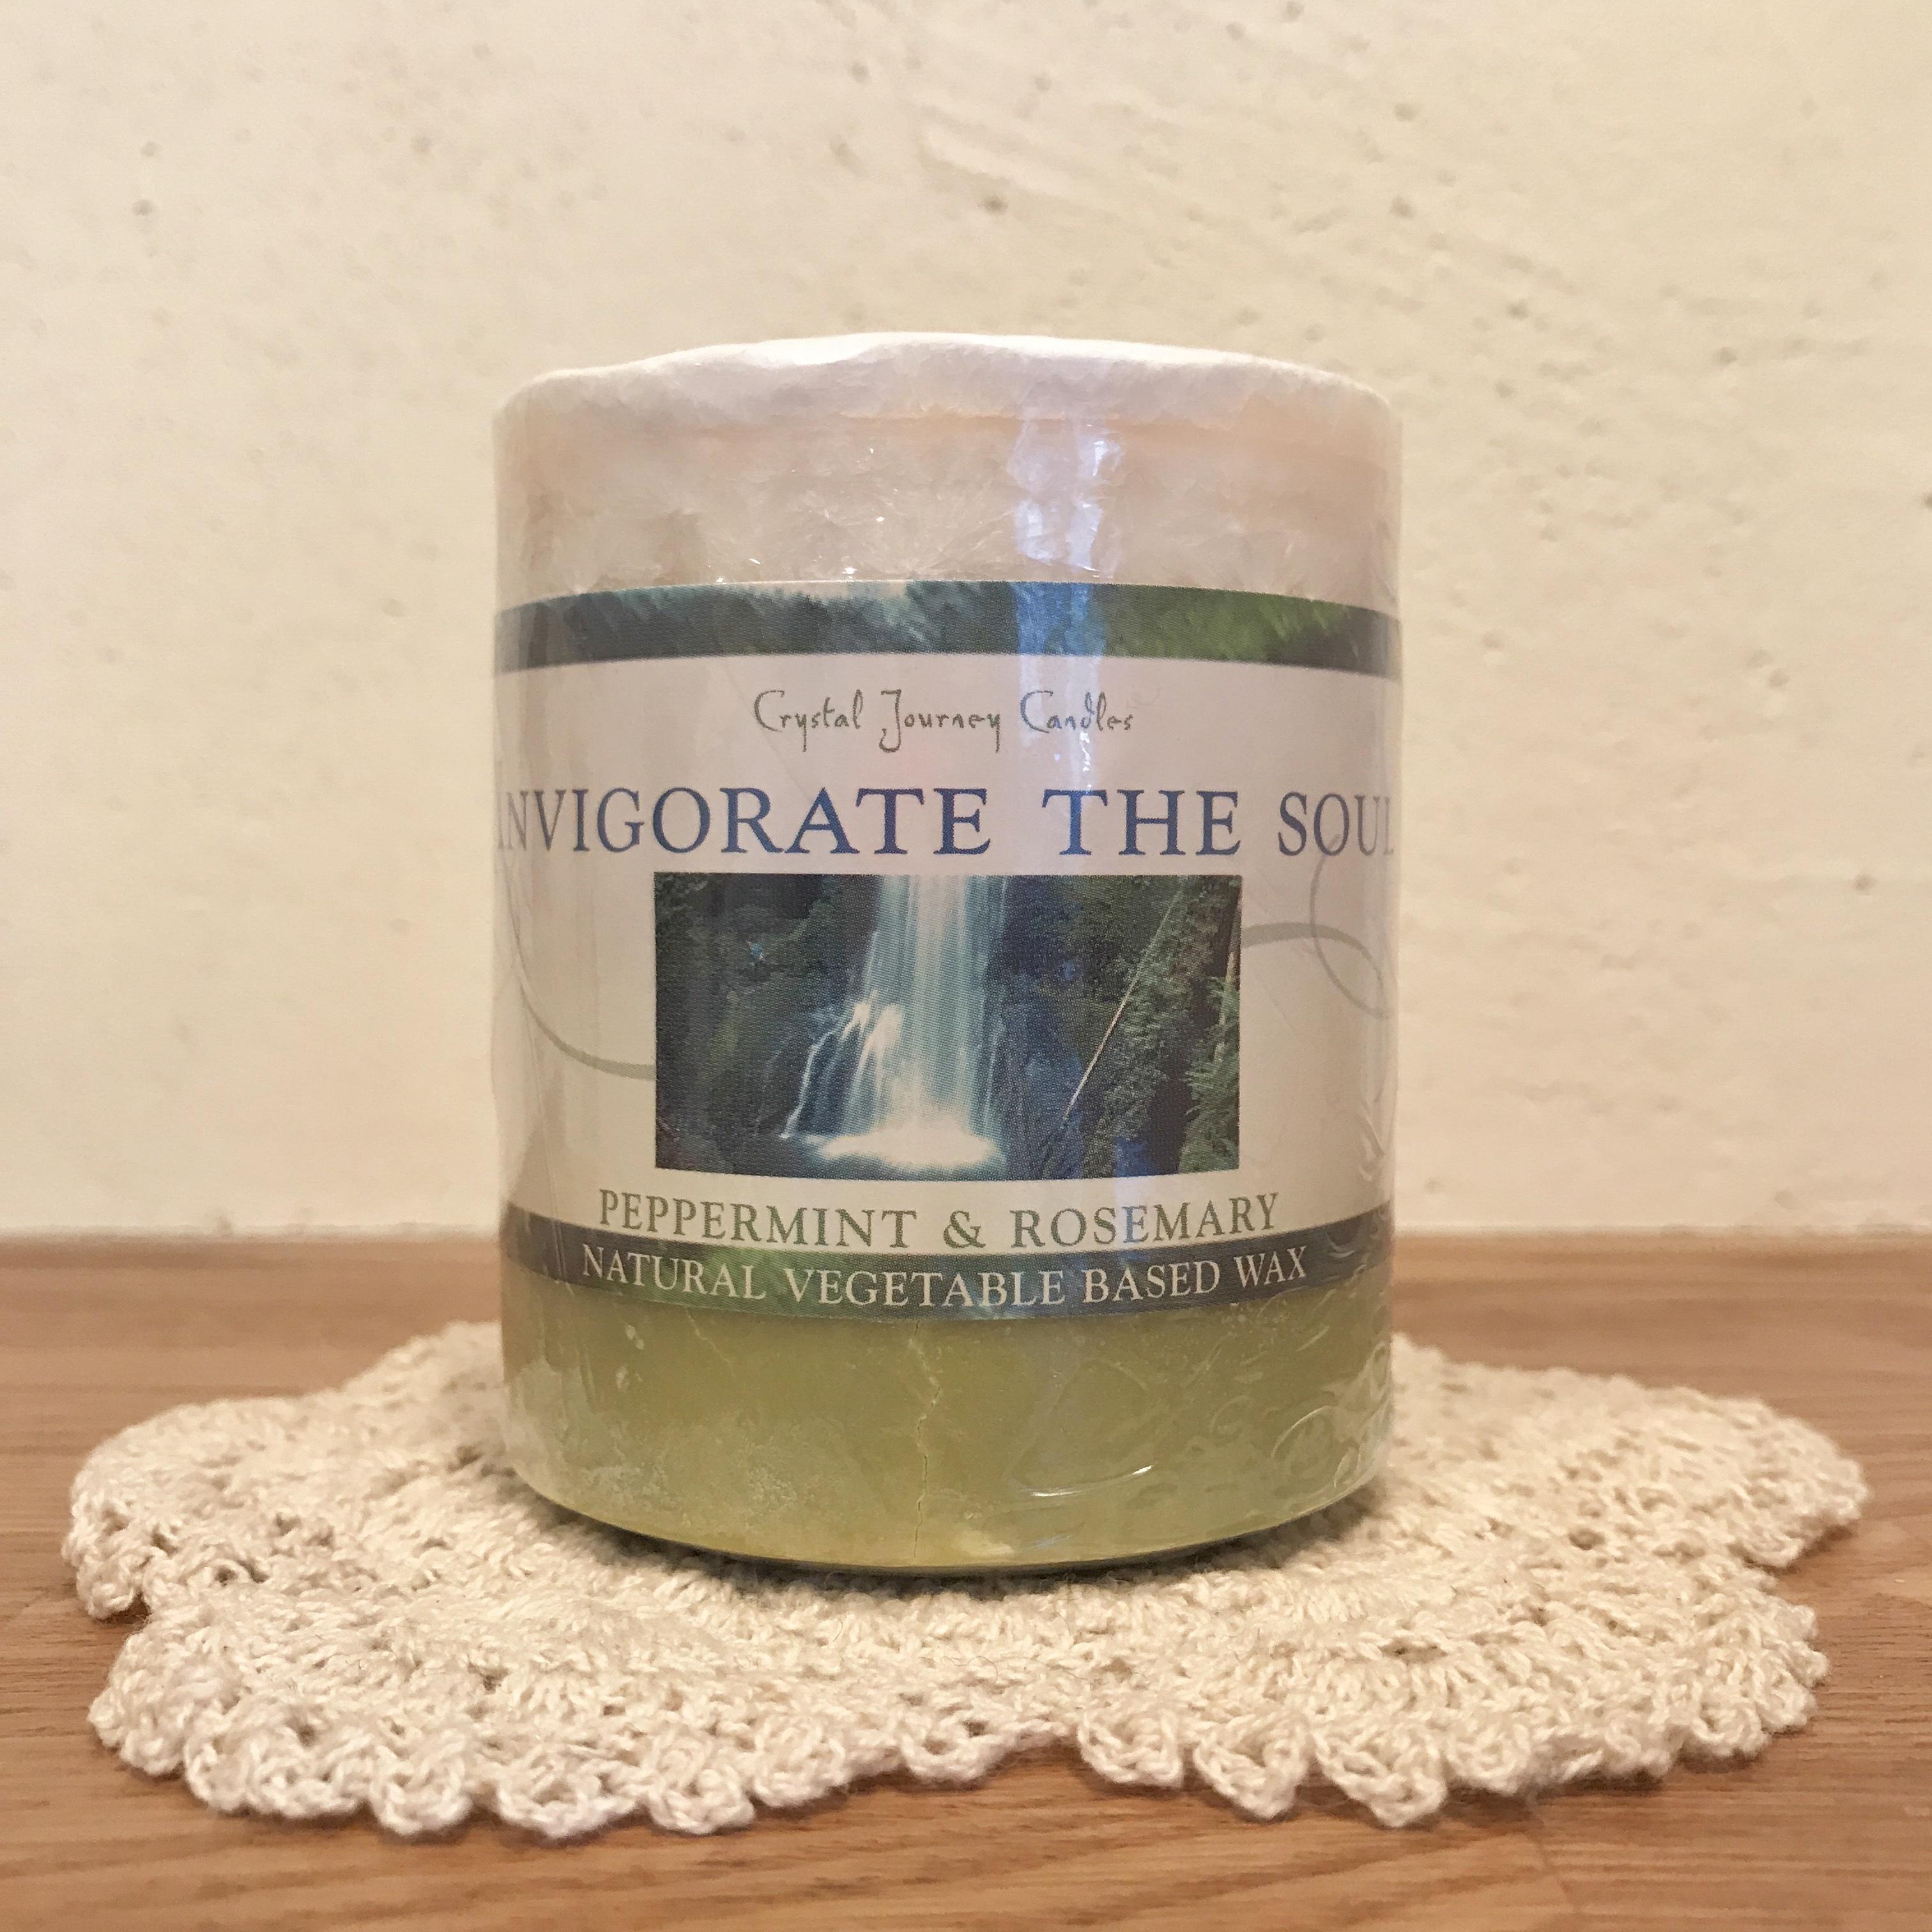 すっきりとした香りで元気を取り戻す|フロスティ・クリスタル・キャンドル 魂の輝き(ペパーミント&ローズマリー)【Crystal Journey Candles 】